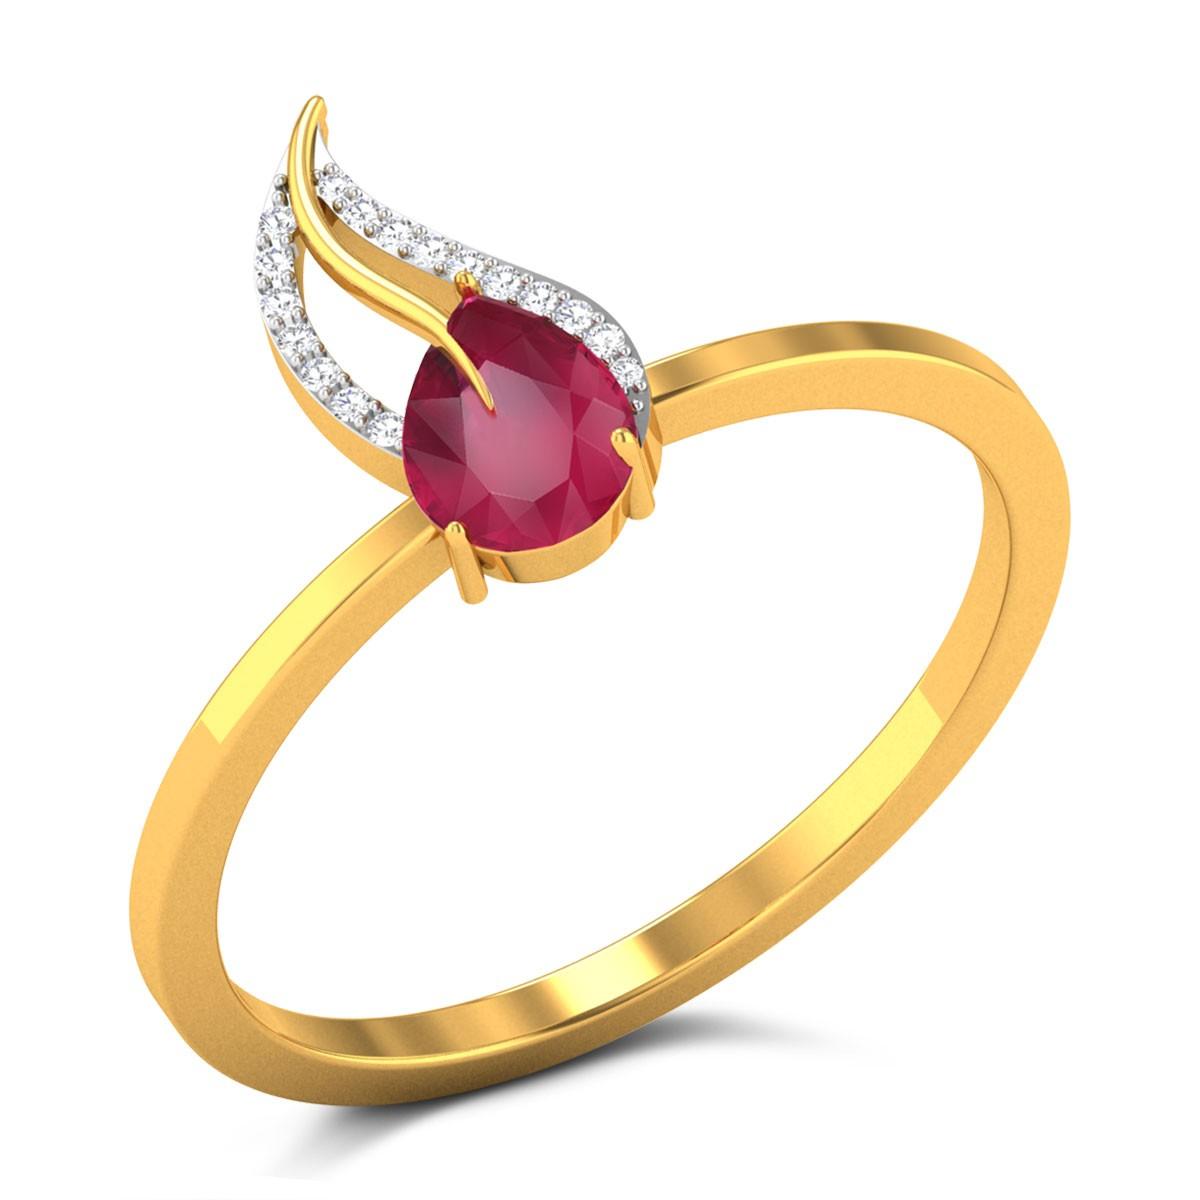 Marissa Diamond Ring